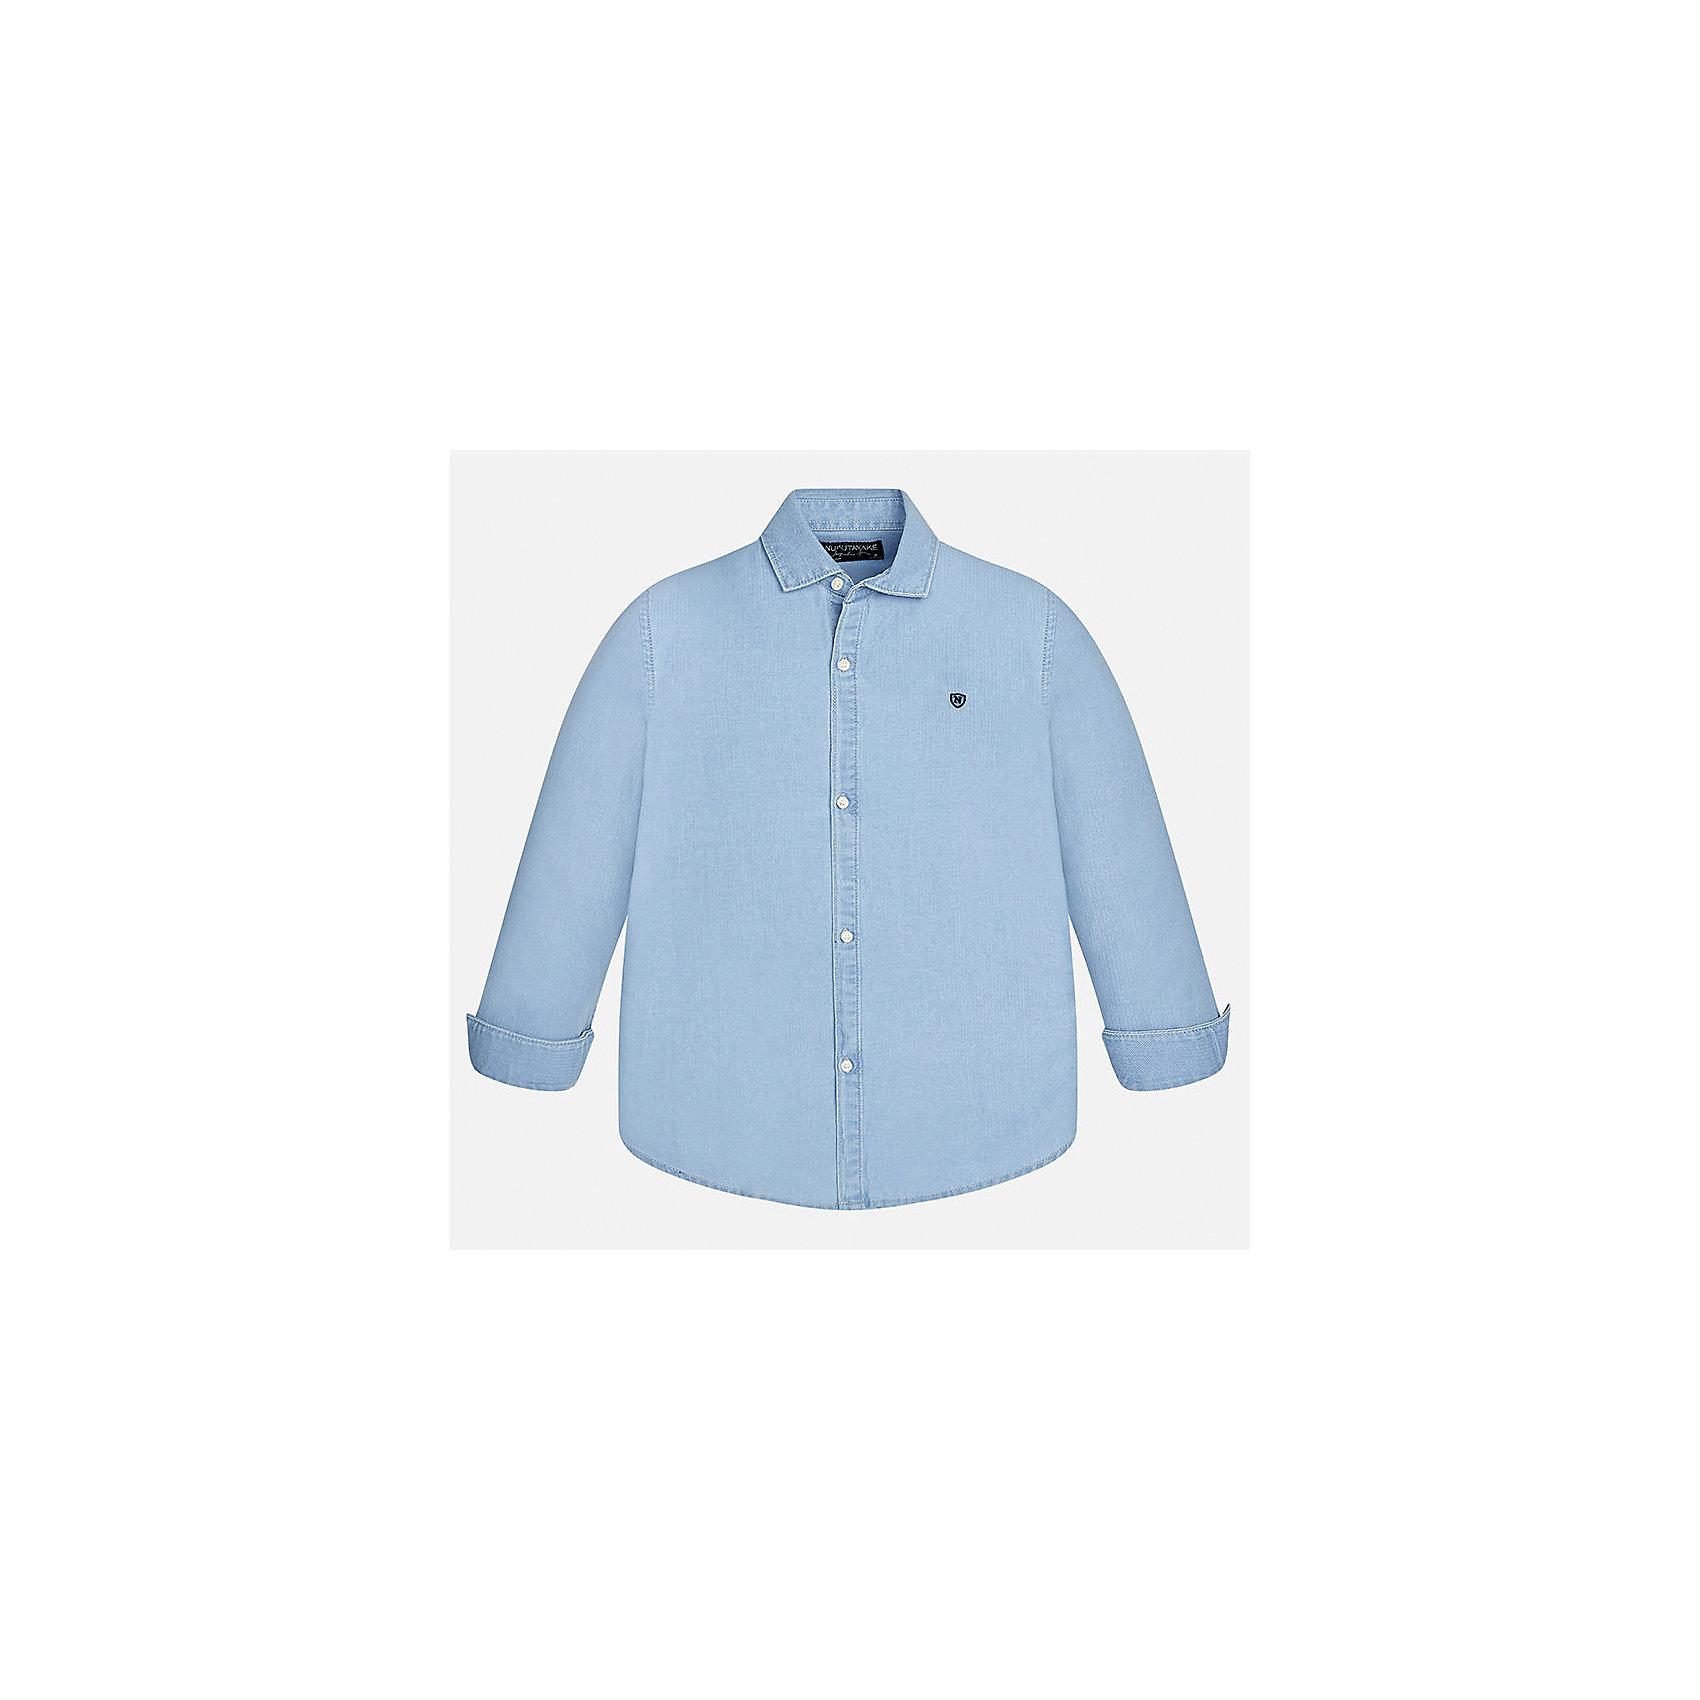 Рубашка для мальчика MayoralБлузки и рубашки<br>Характеристики товара:<br><br>• цвет: голубой<br>• состав ткани: 100% хлопок<br>• сезон: демисезон<br>• особенности модели: школьная<br>• застежка: пуговицы<br>• длинные рукава<br>• страна бренда: Испания<br>• страна изготовитель: Индия<br><br>Голубая рубашка с длинным рукавом для мальчика от Майорал поможет обеспечить ребенку комфорт. Детская рубашка отличается стильным и продуманным дизайном. В рубашке для мальчика от испанской компании Майорал ребенок будет выглядеть модно, а чувствовать себя - комфортно. <br><br>Рубашку для мальчика Mayoral (Майорал) можно купить в нашем интернет-магазине.<br><br>Ширина мм: 174<br>Глубина мм: 10<br>Высота мм: 169<br>Вес г: 157<br>Цвет: белый<br>Возраст от месяцев: 96<br>Возраст до месяцев: 108<br>Пол: Мужской<br>Возраст: Детский<br>Размер: 128/134,140,152,158,164,170<br>SKU: 6933563